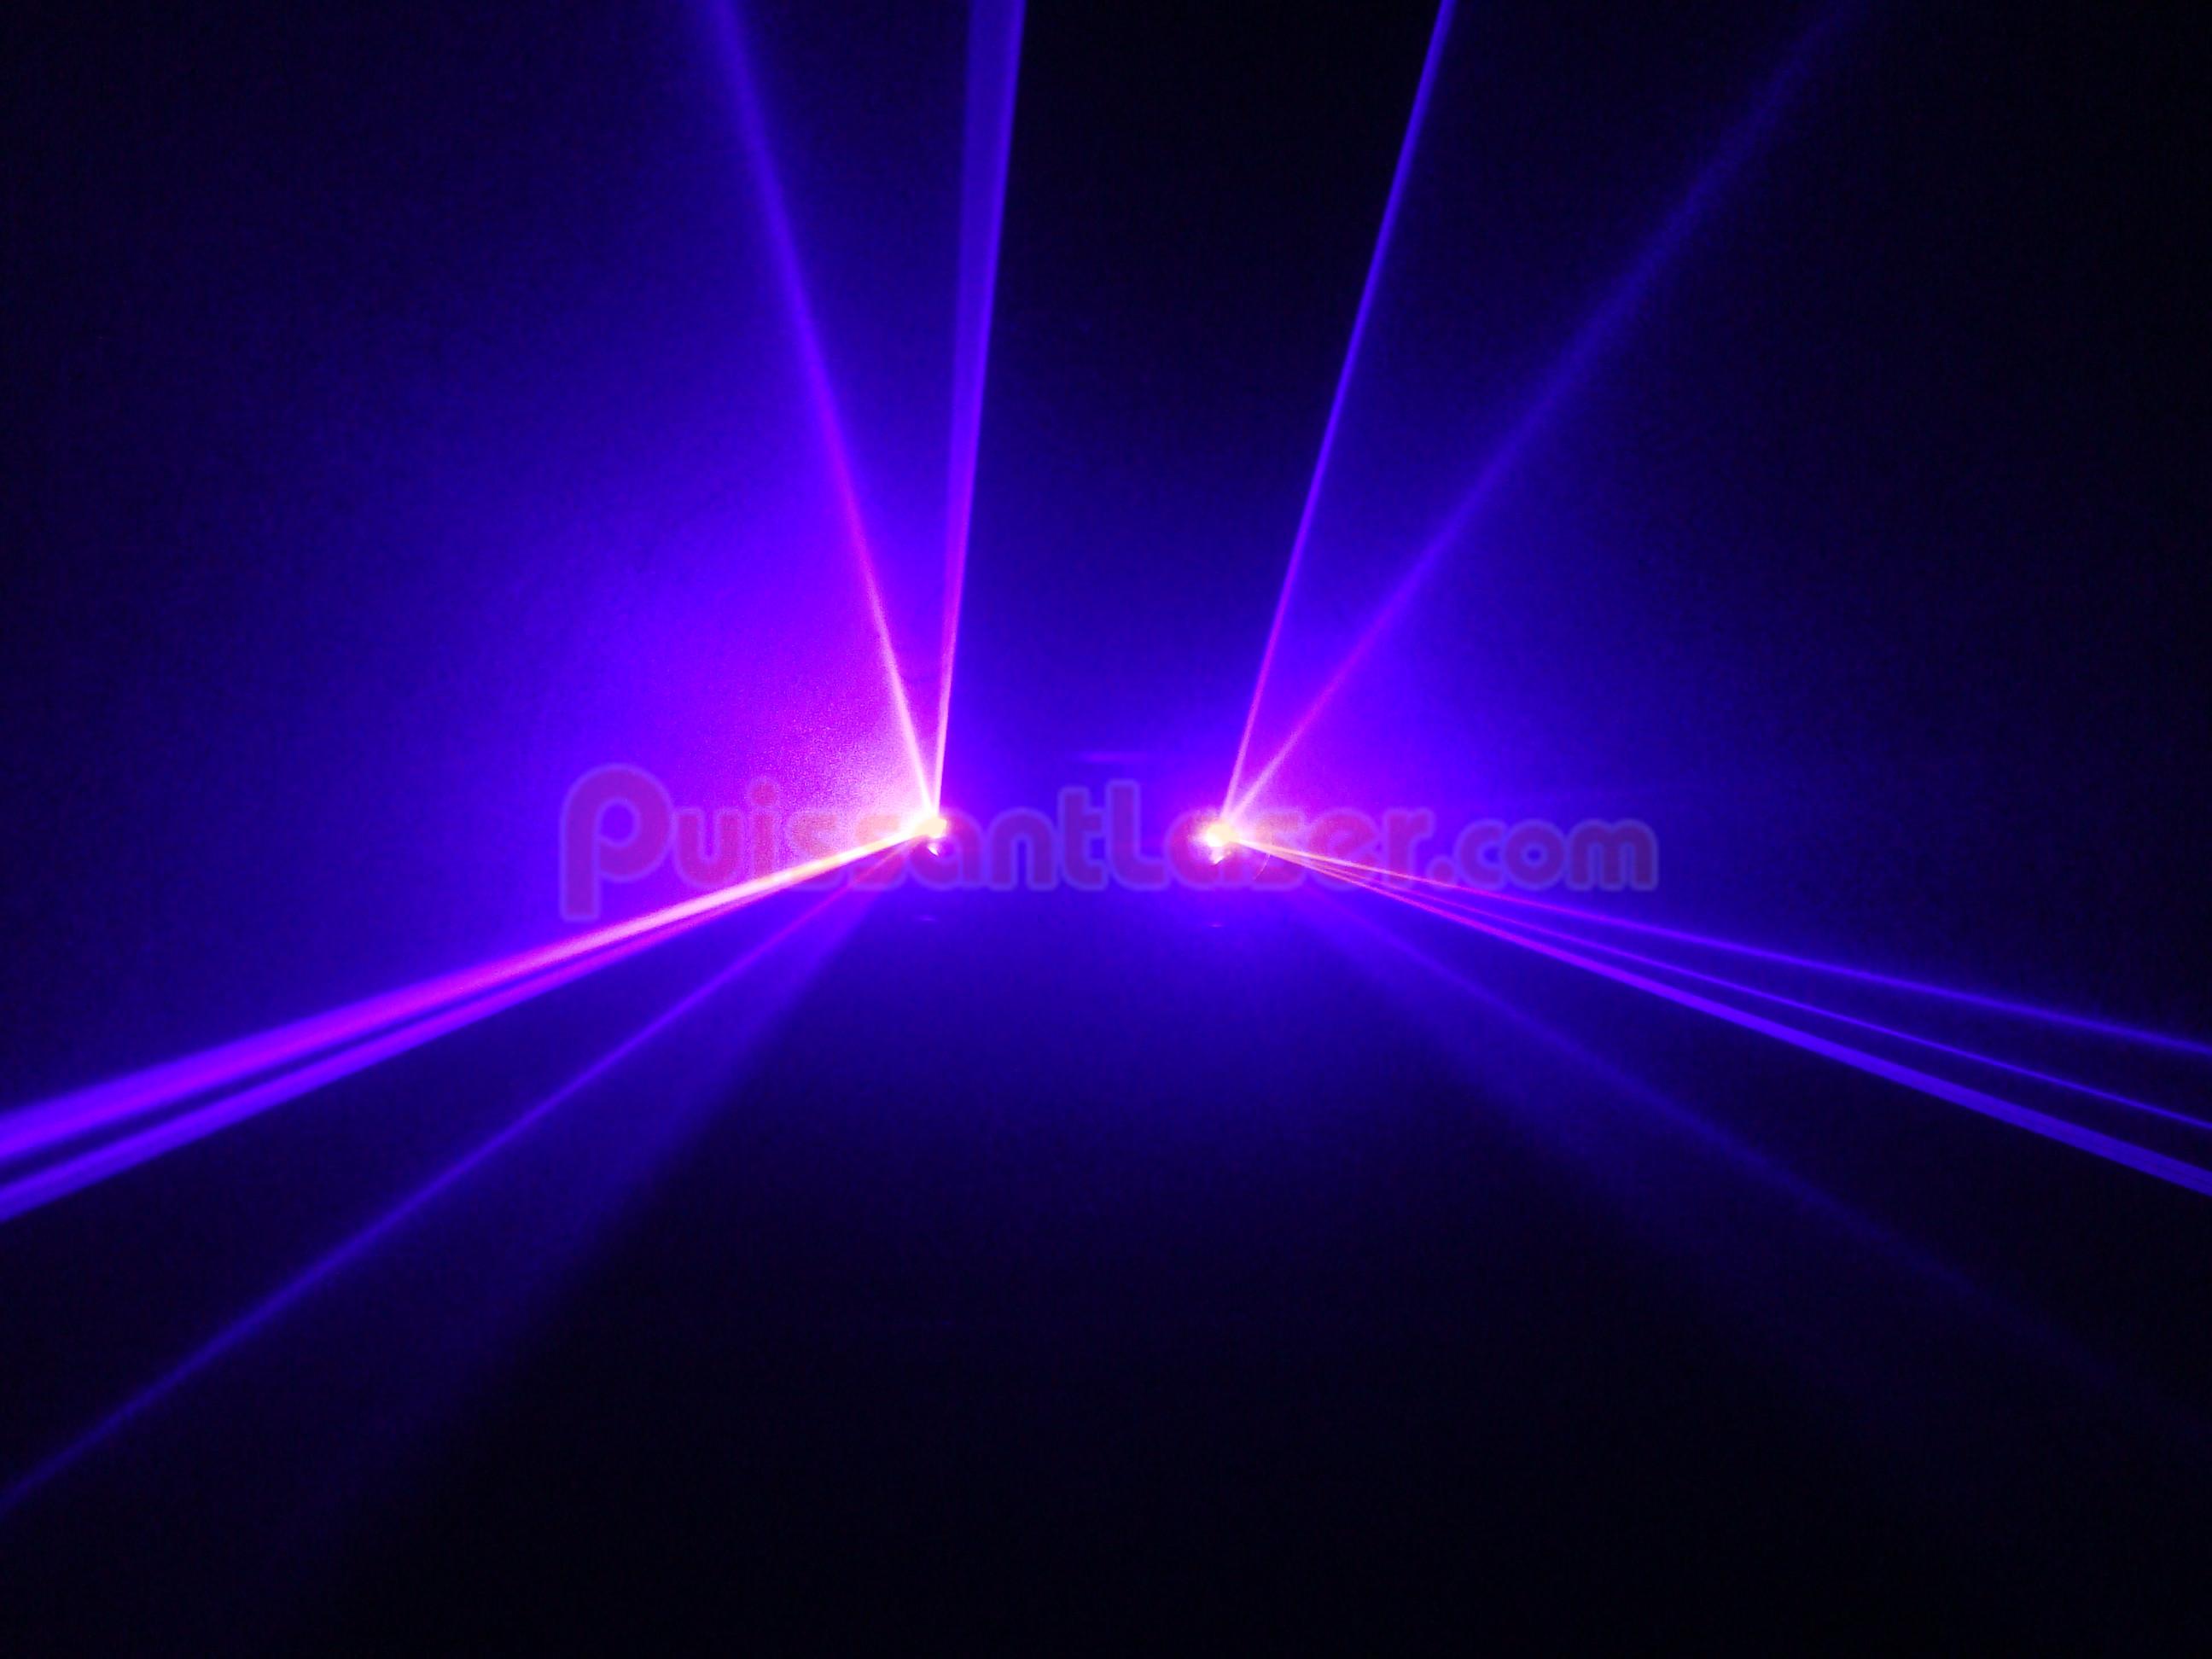 acheter pointeur laser bleu 1000mw 1w puissant color. Black Bedroom Furniture Sets. Home Design Ideas